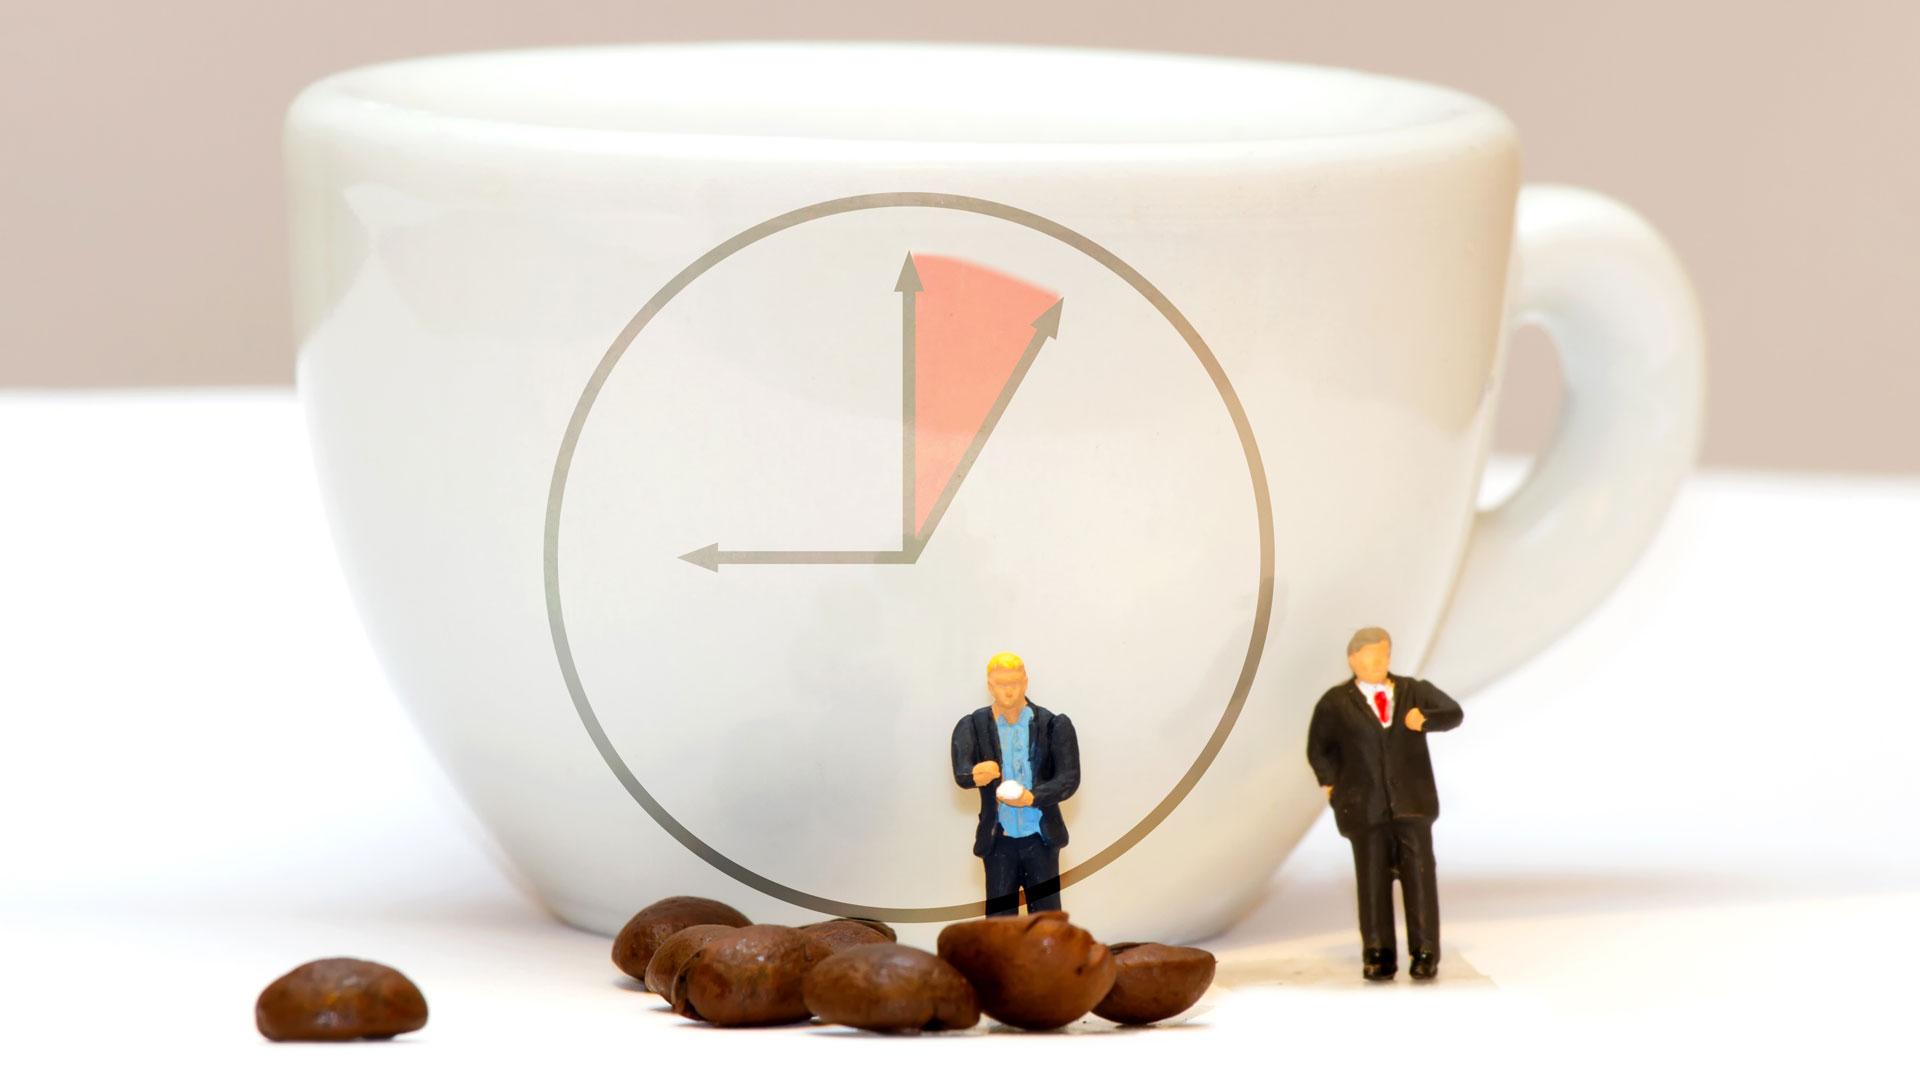 Die Uhr tickt, Arbeitszeiterfassung Urteil EuGh